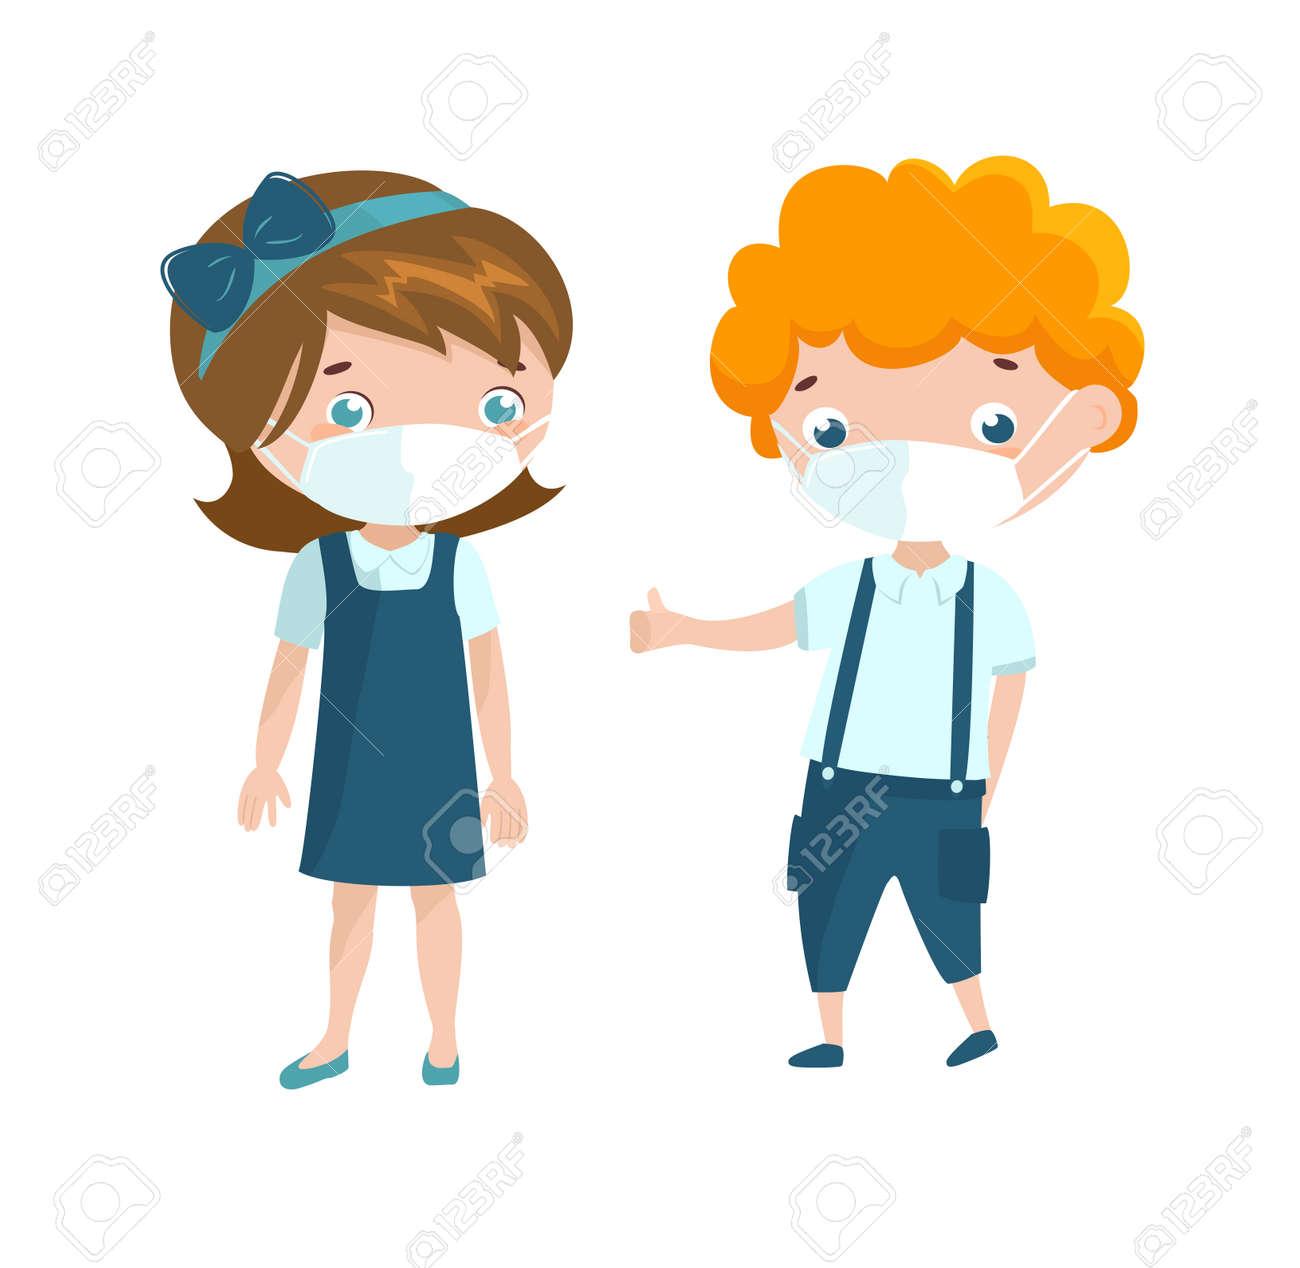 Two preschool kids wearing face mask. - 159257073